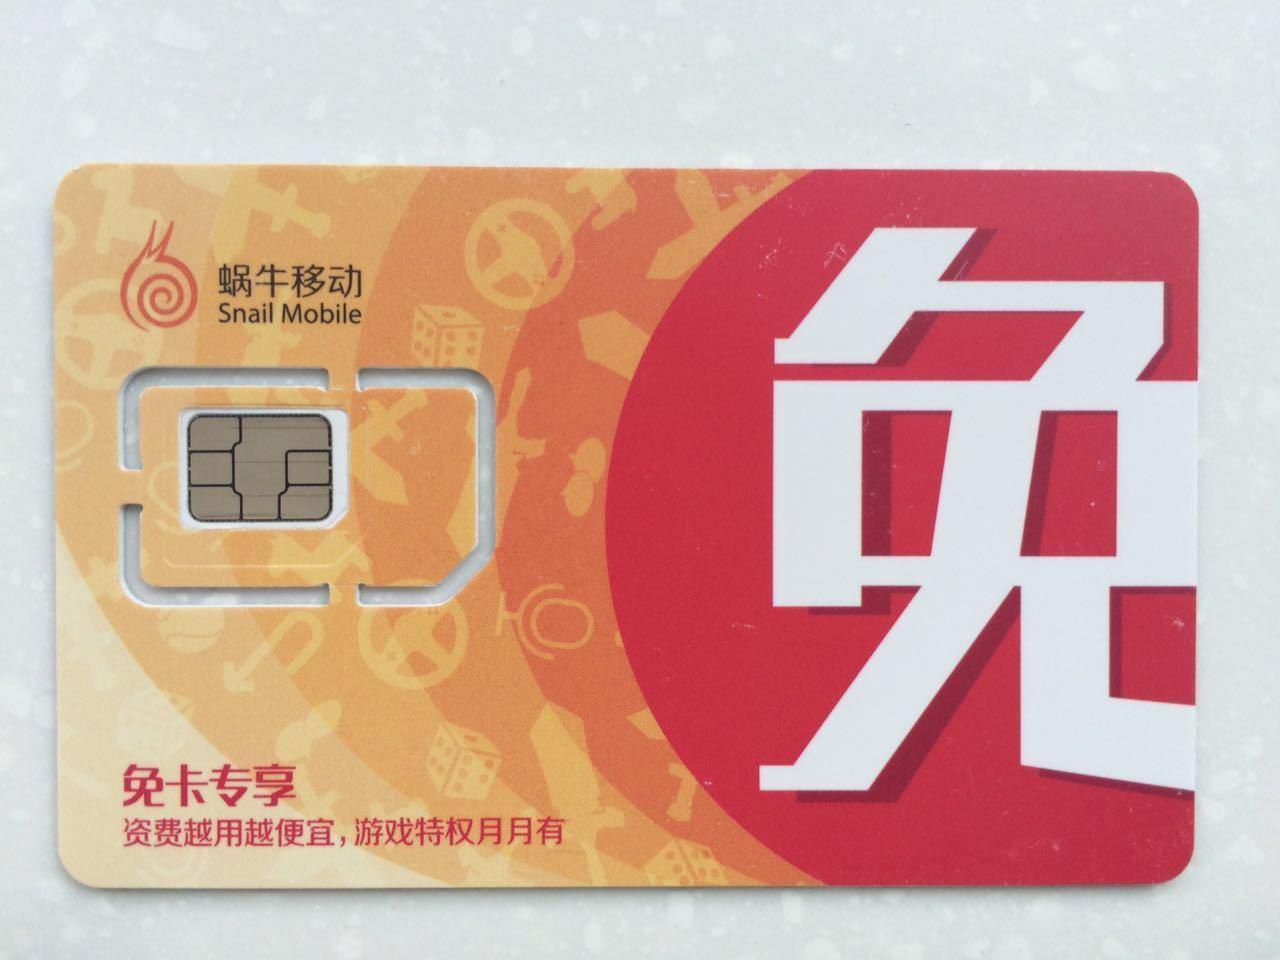 是否可以在线注册真实姓名?可以在线激活电信手机卡吗?